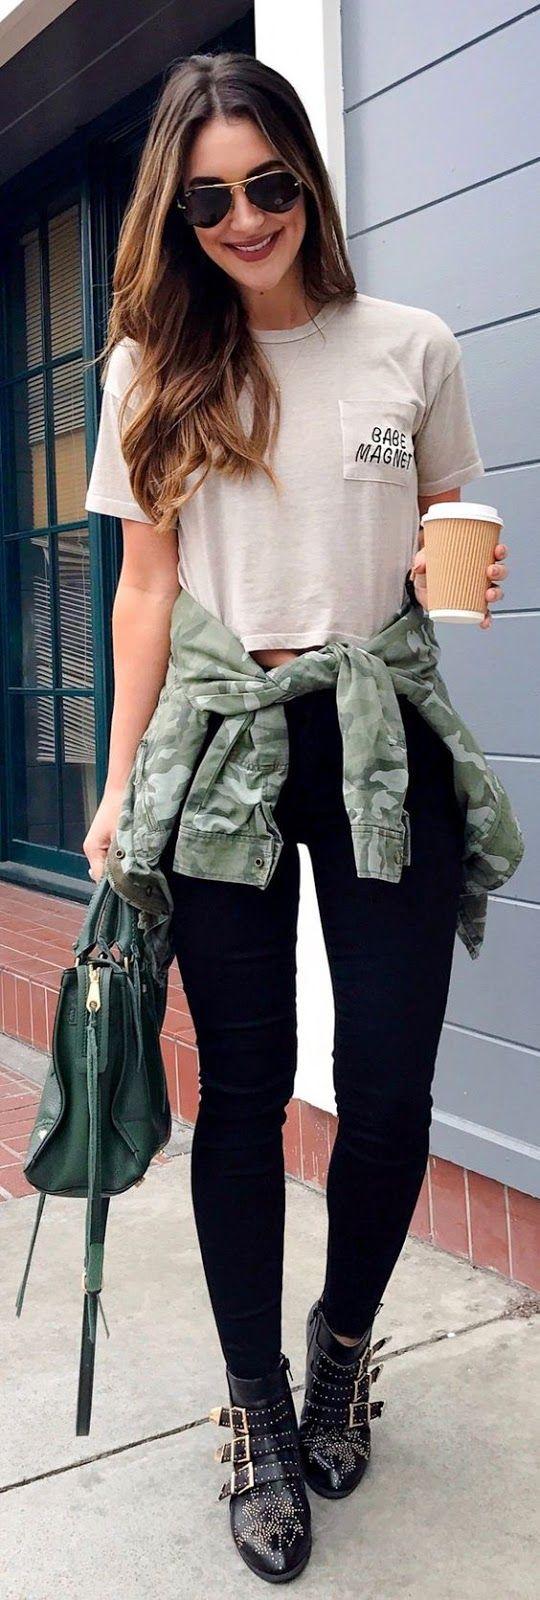 Inspiração: estampa militar. T-shirt cropped branca, legging preta, jaqueta verde camuflada amarrada na cintura, ankle boot preta